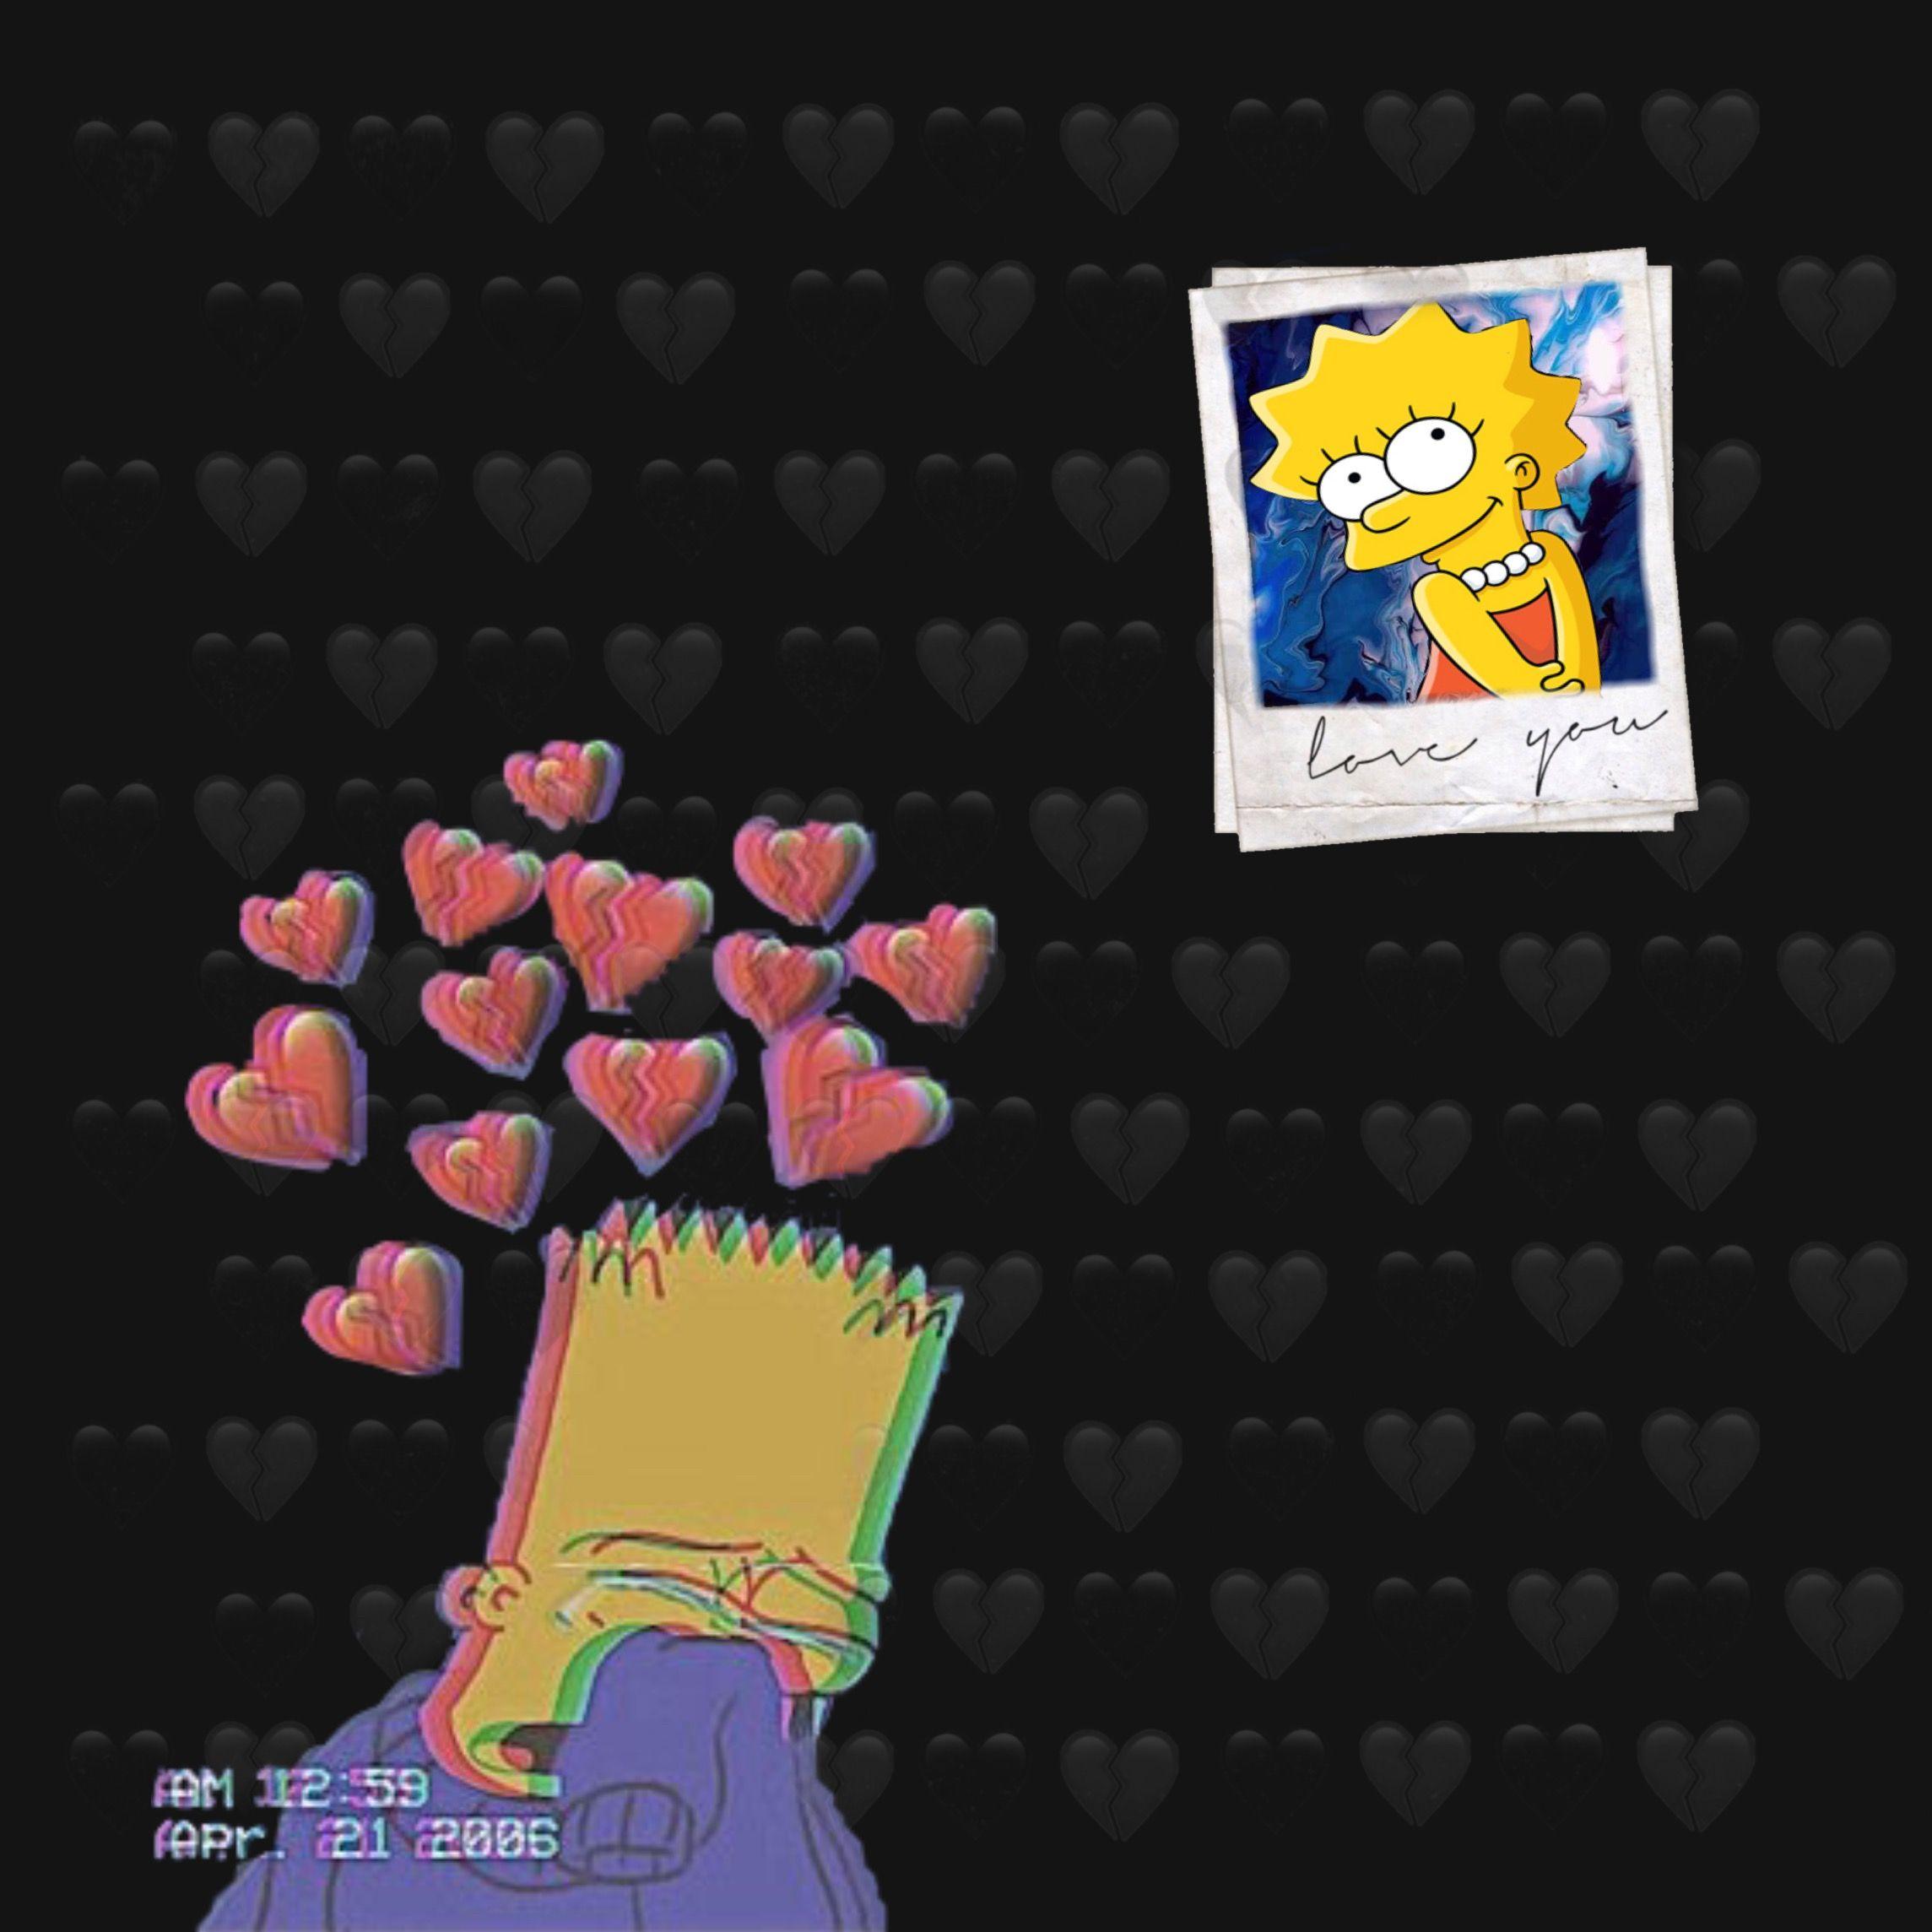 Pin On Simpson Broken heart bart simpson sad wallpaper